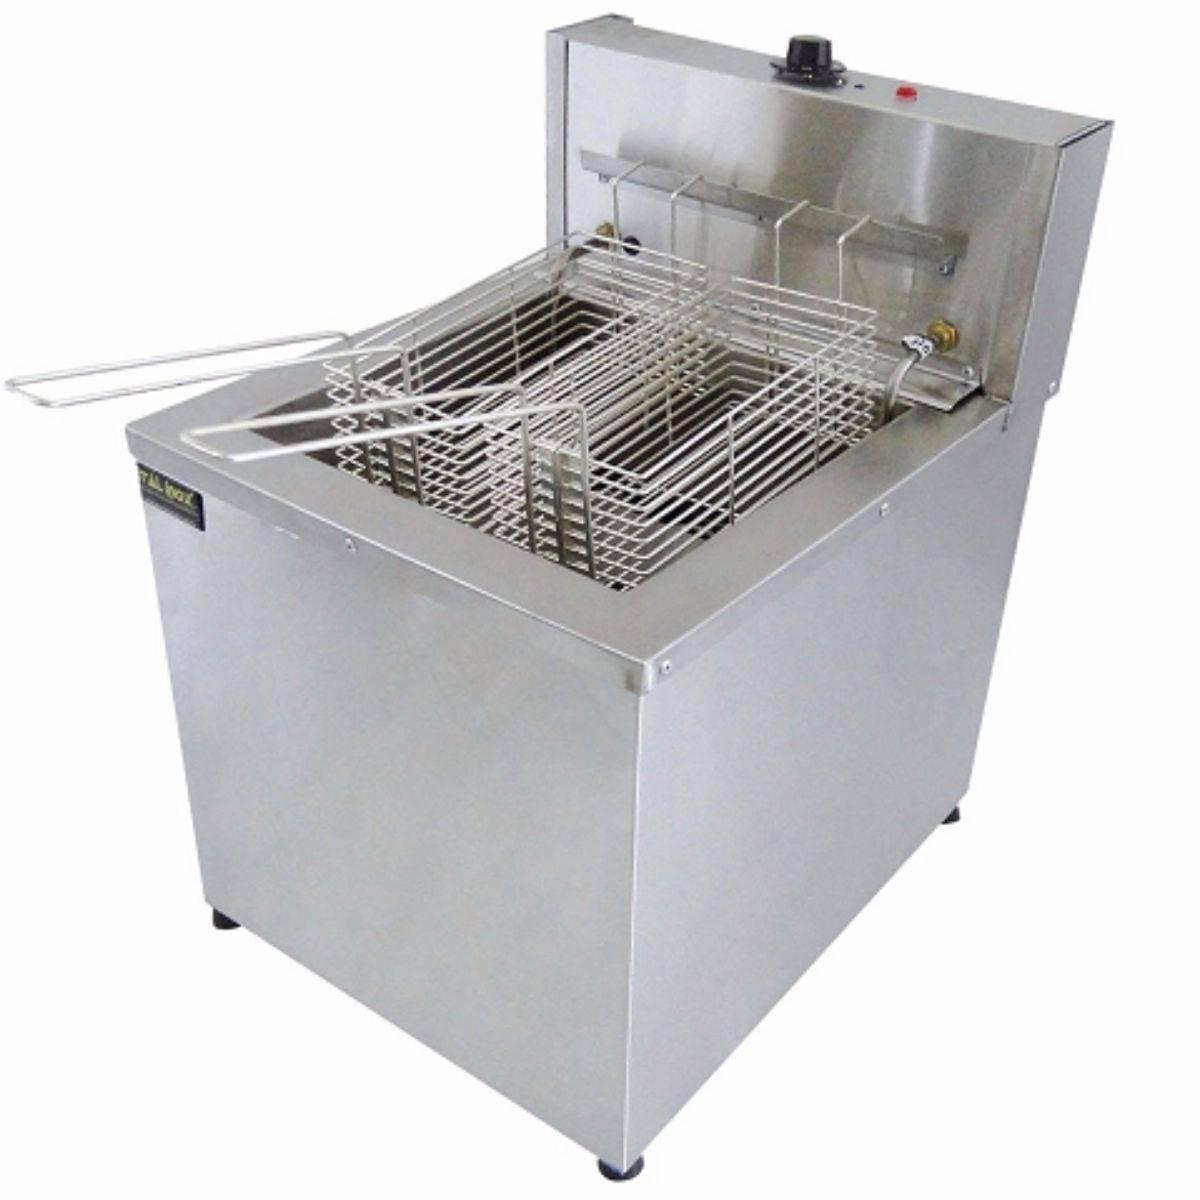 Fritadeira Elétrica Água e Óleo 18L Mesa FAOCI18M Ital Inox - Magazine do Chef